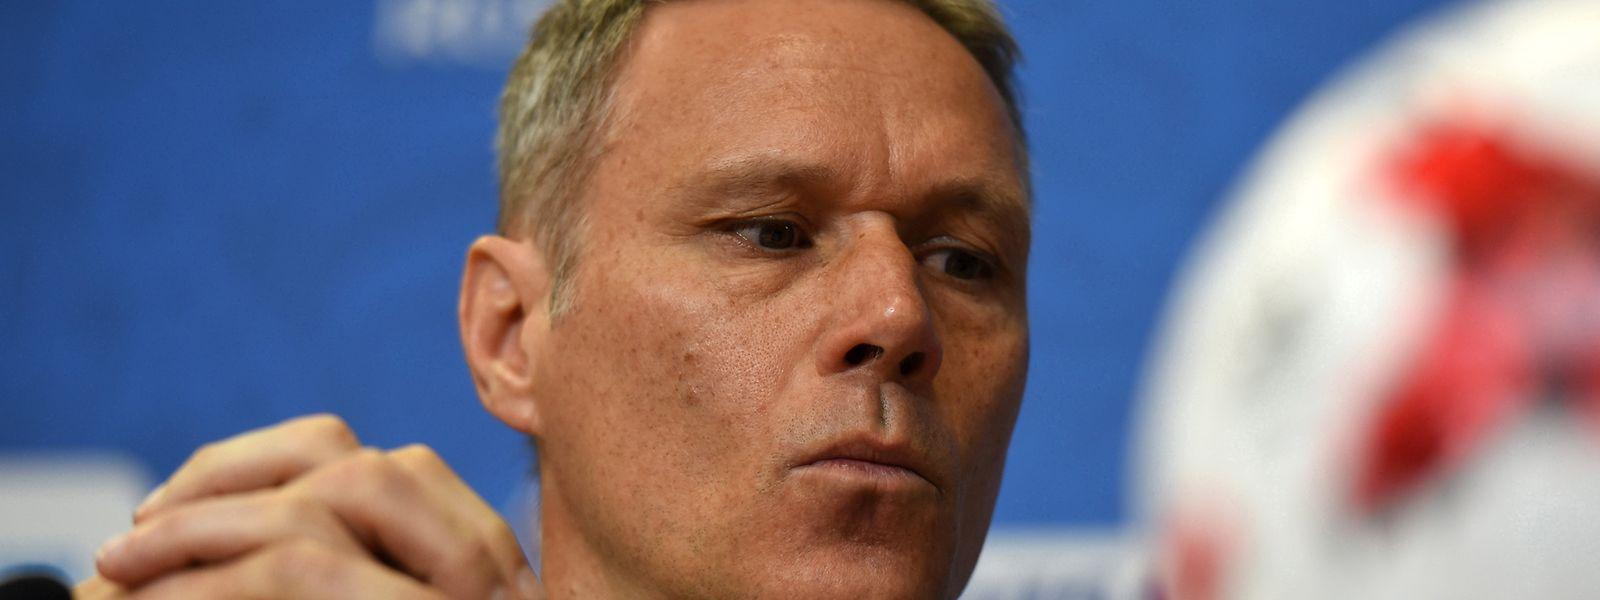 Marco van Basten, ehemaliger niederländischer Fußball-Nationalspieler, hat mit der Aussage «Sieg Heil» im holländischen Fernsehen für einen Eklat gesorgt und sich später dafür entschuldigt.